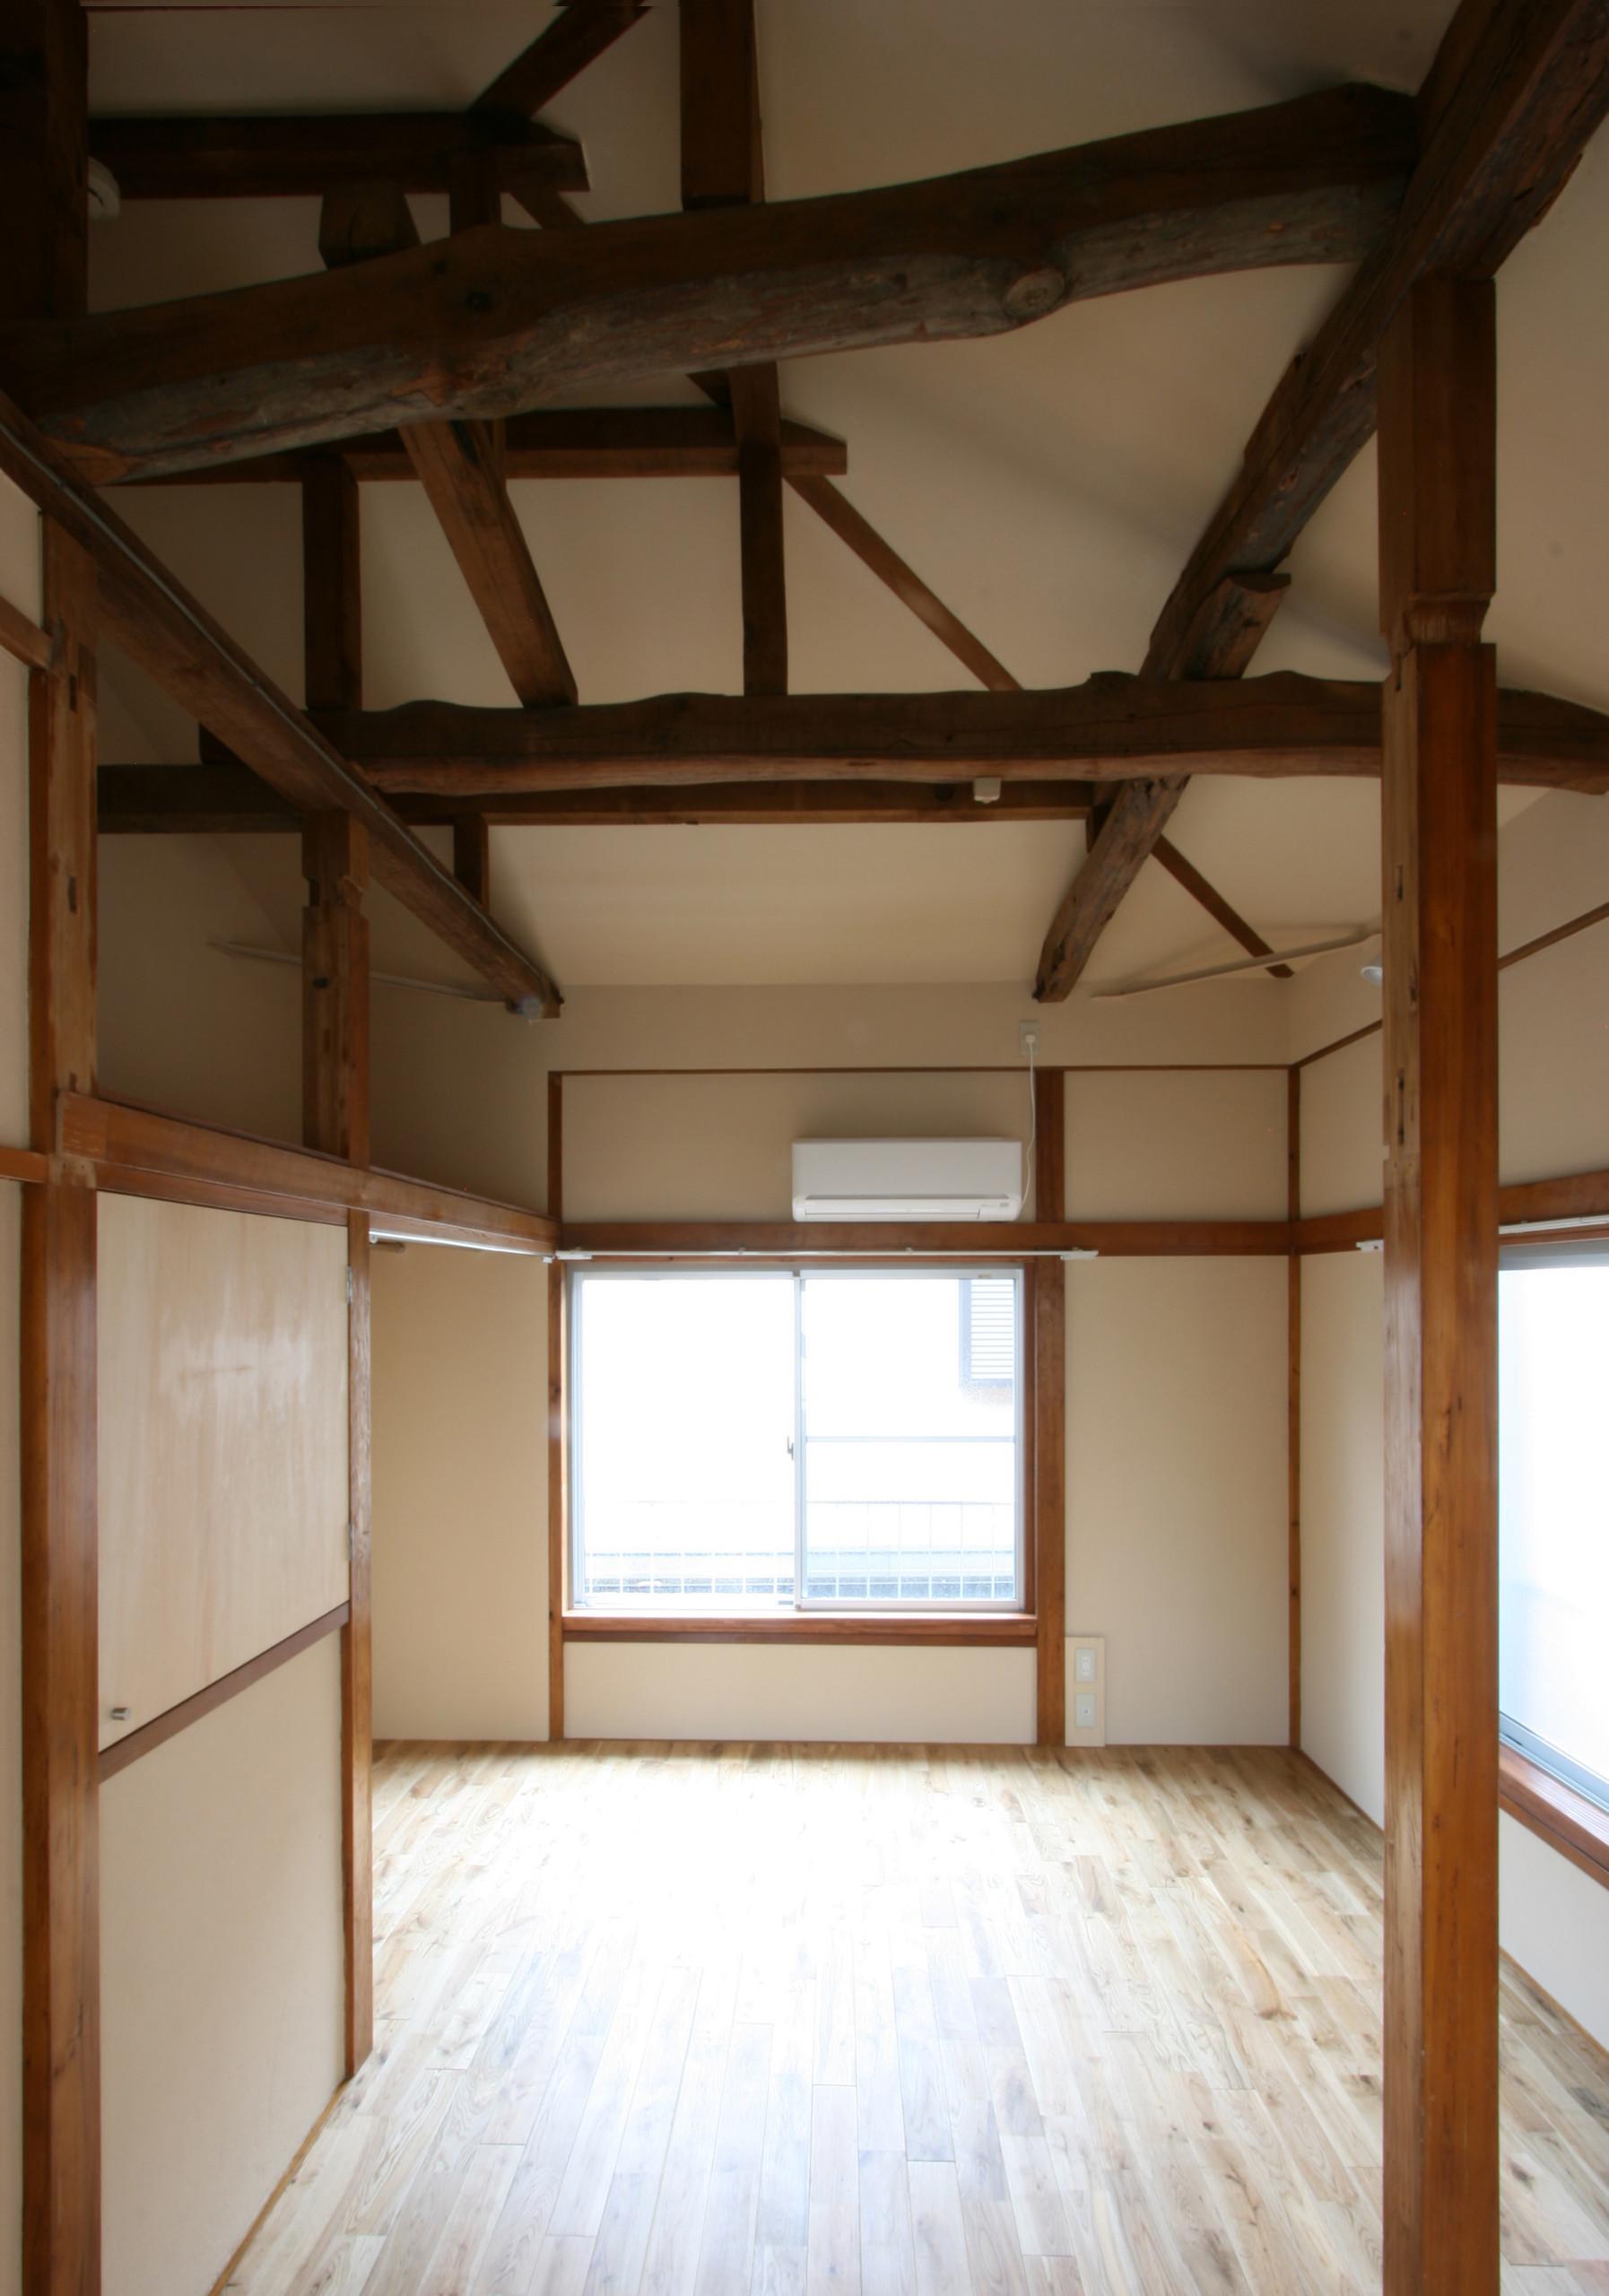 40年のボロボロアパート内装改装の建築事例写真